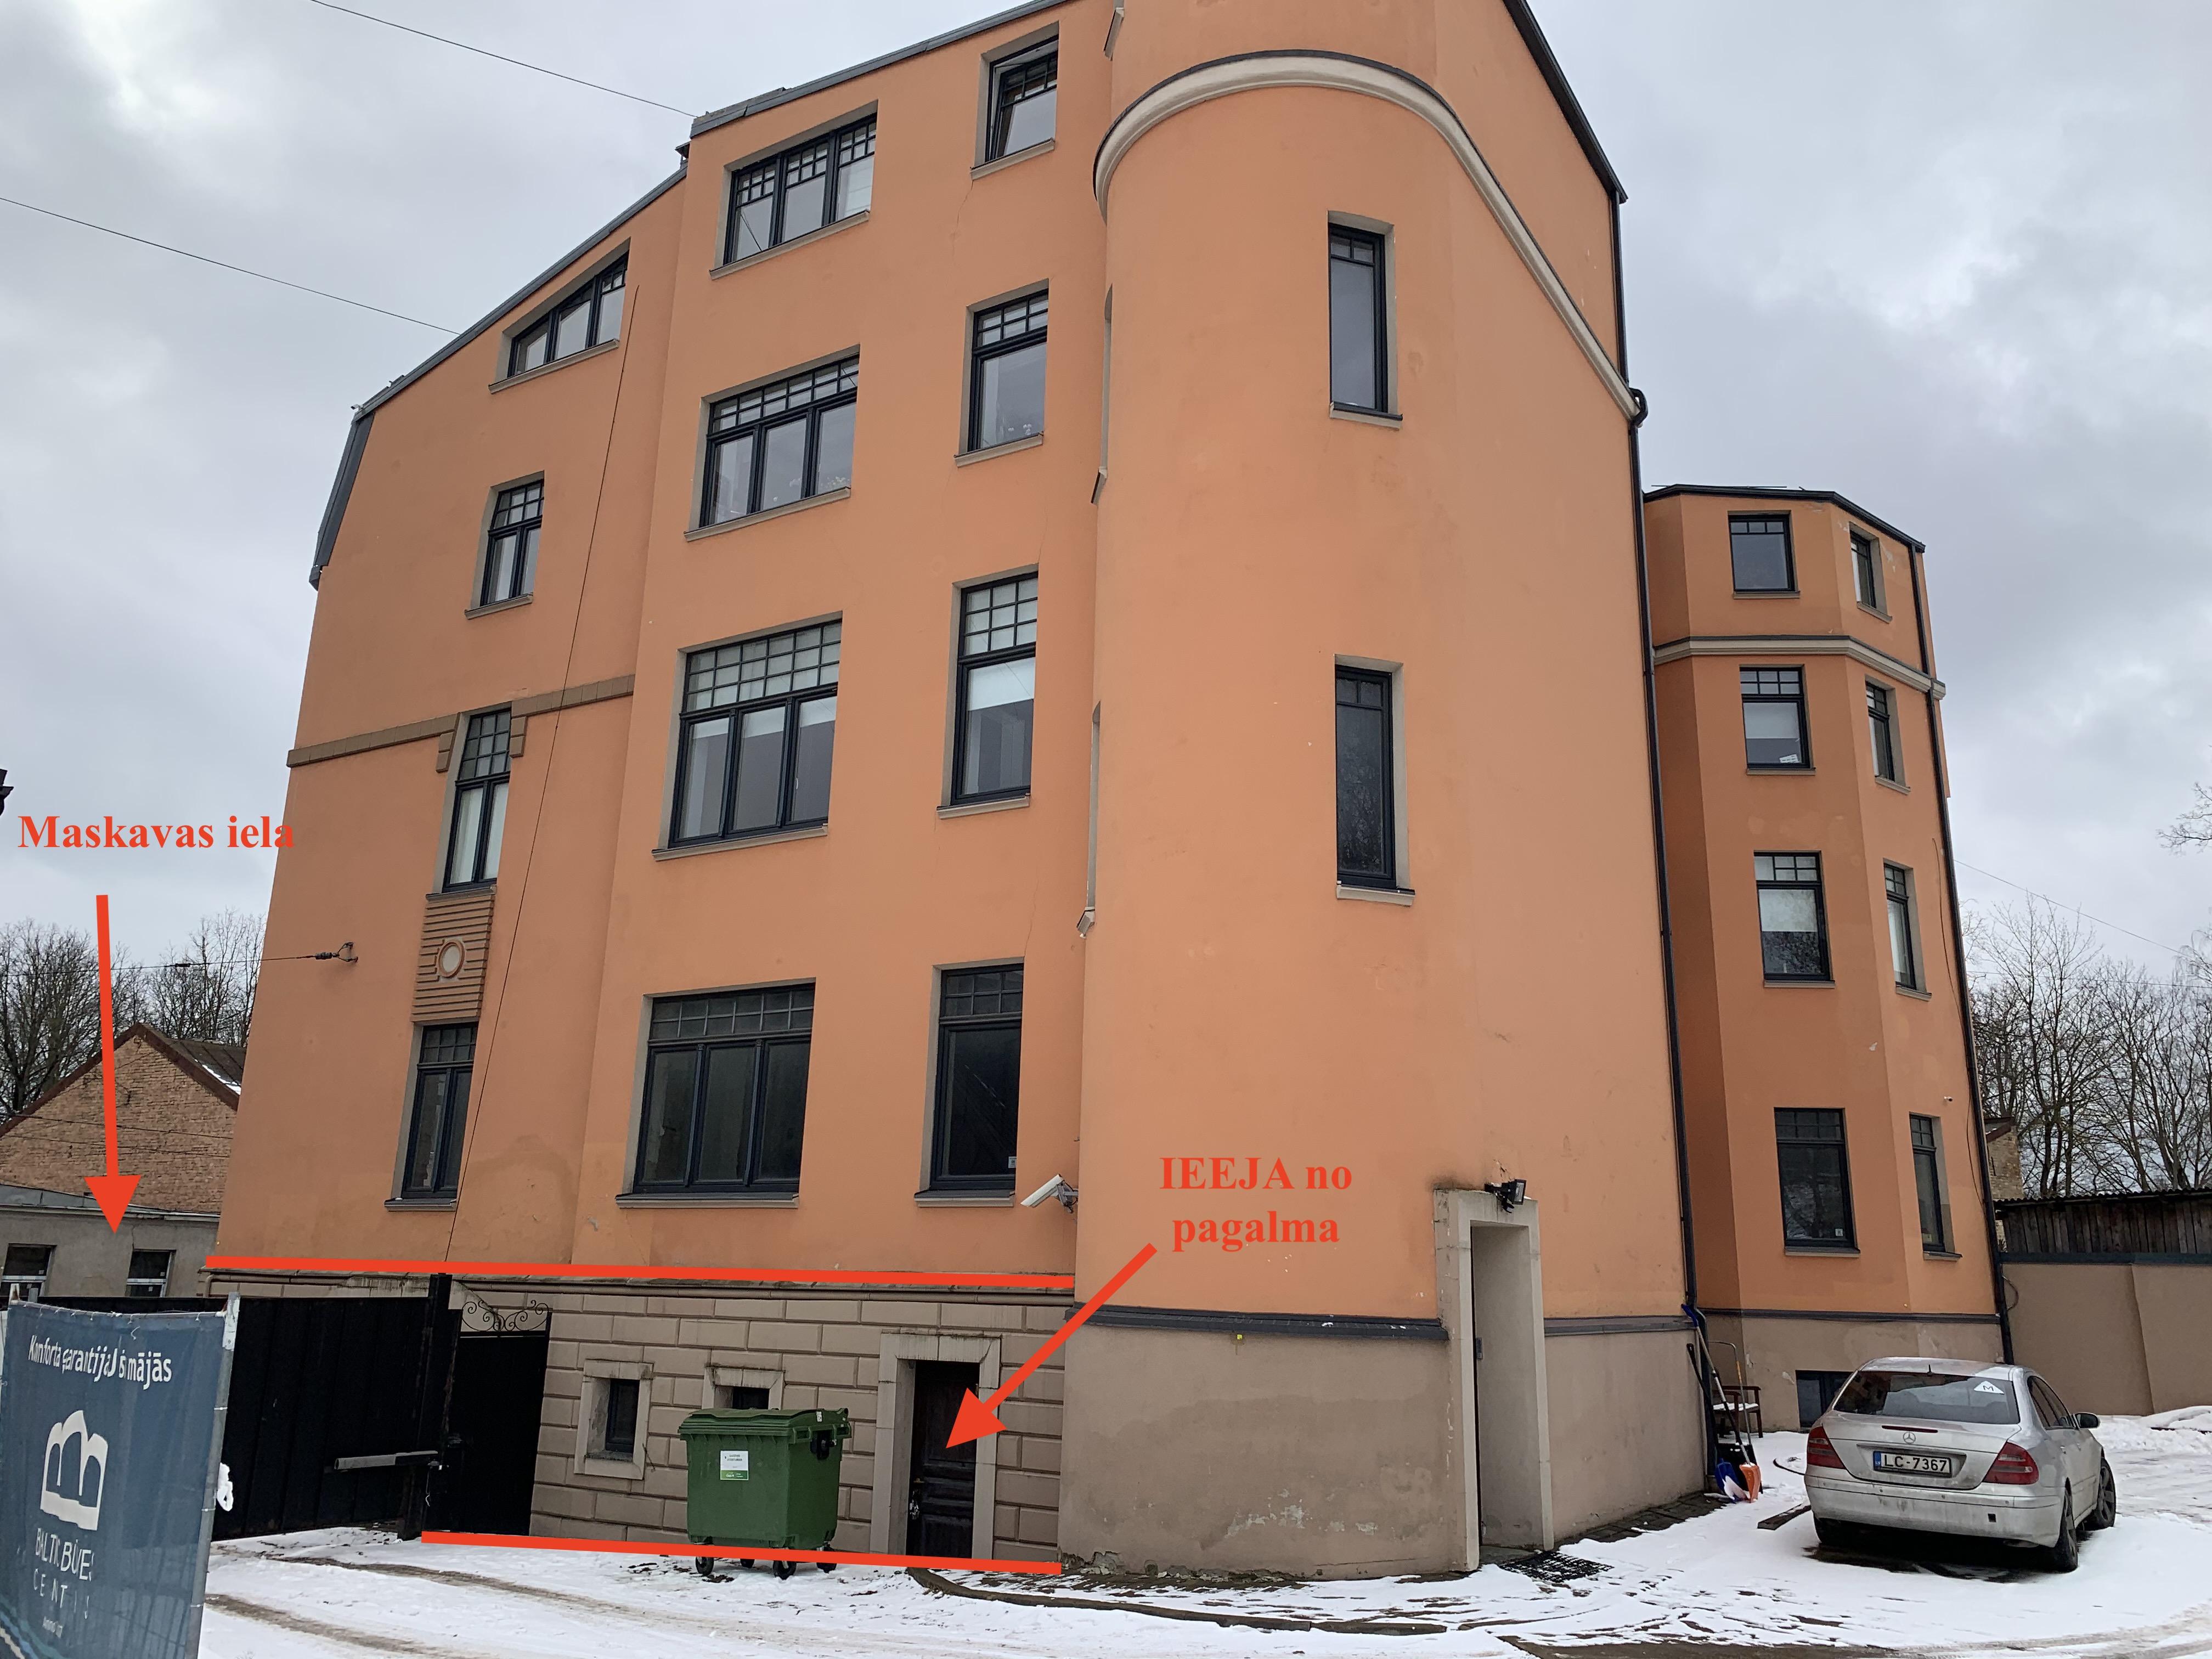 Pārdod tirdzniecības telpas, Maskavas iela - Attēls 1